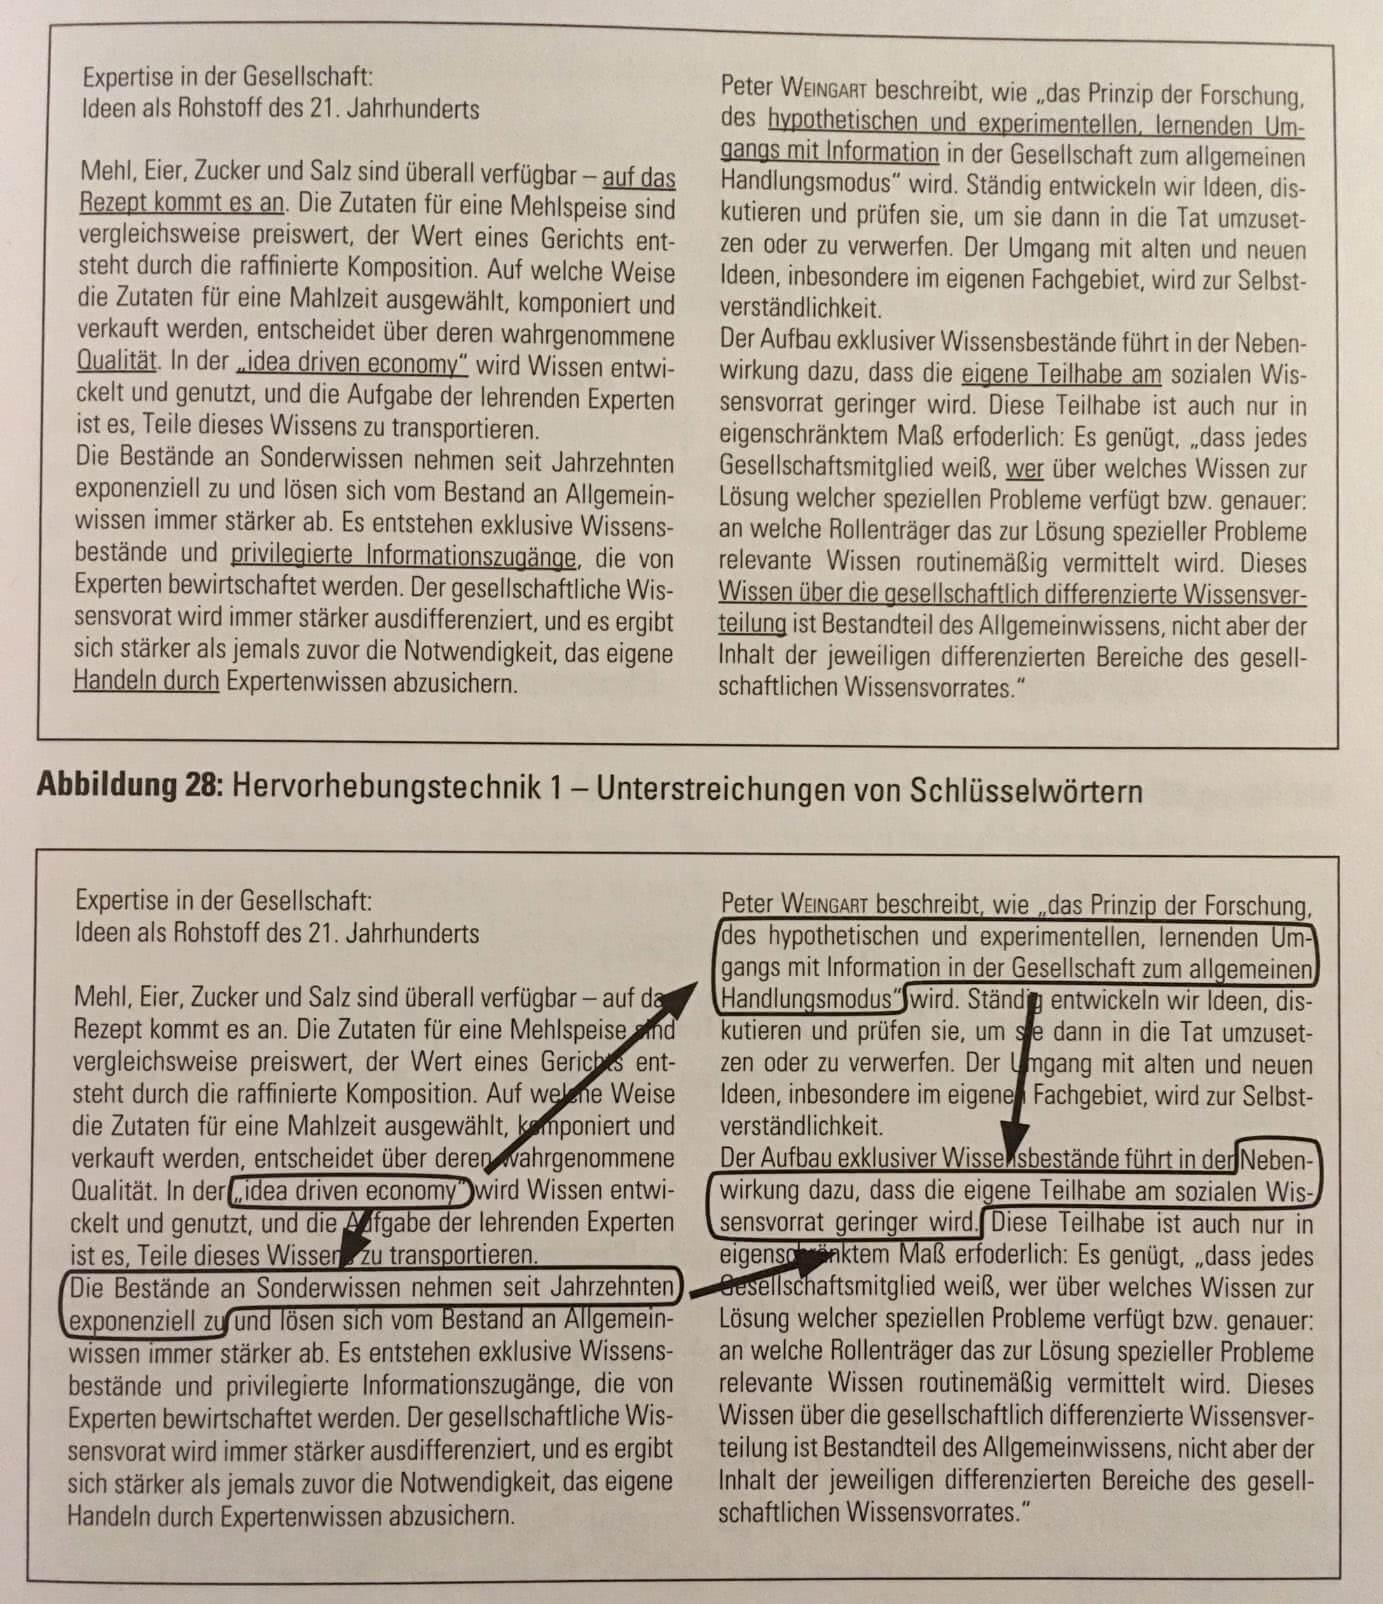 Charmant Es Beispiel 2015 Fortsetzen Bilder - Beispiel ...